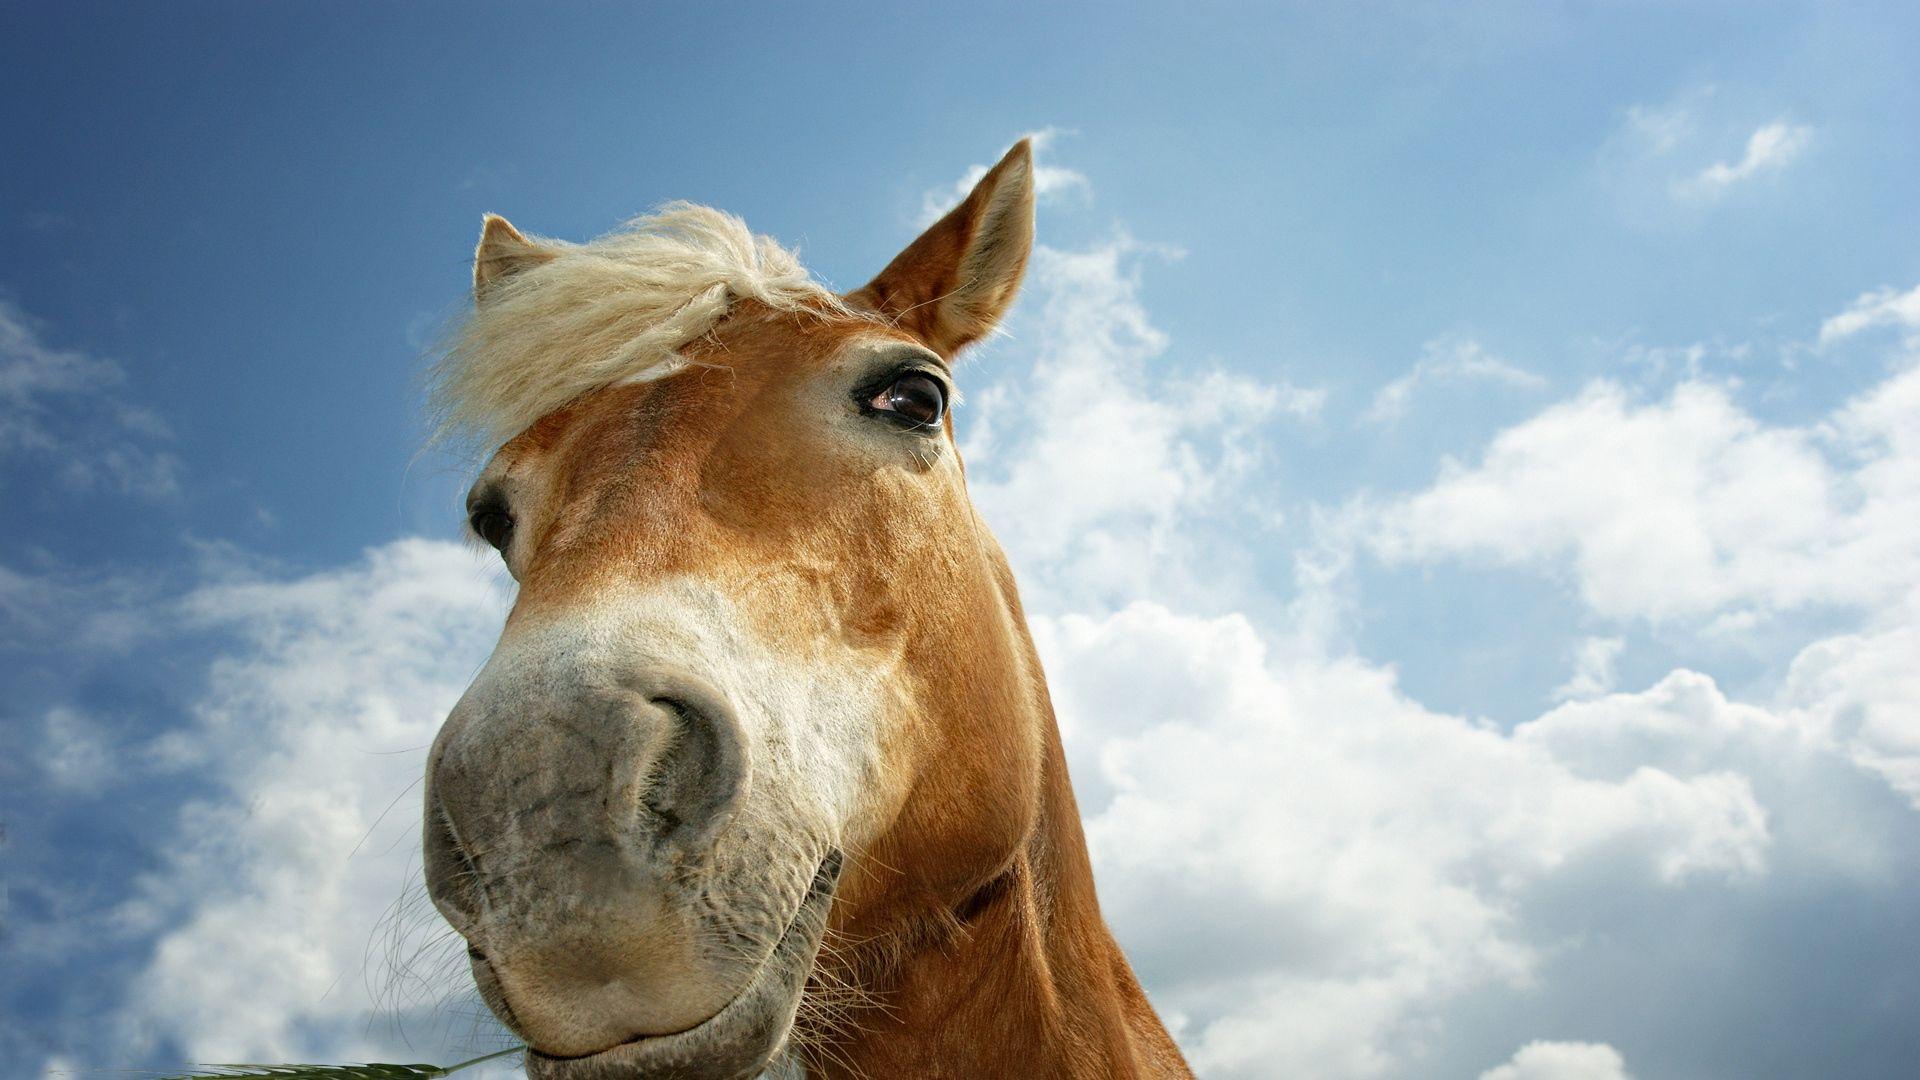 Horse Face Photo